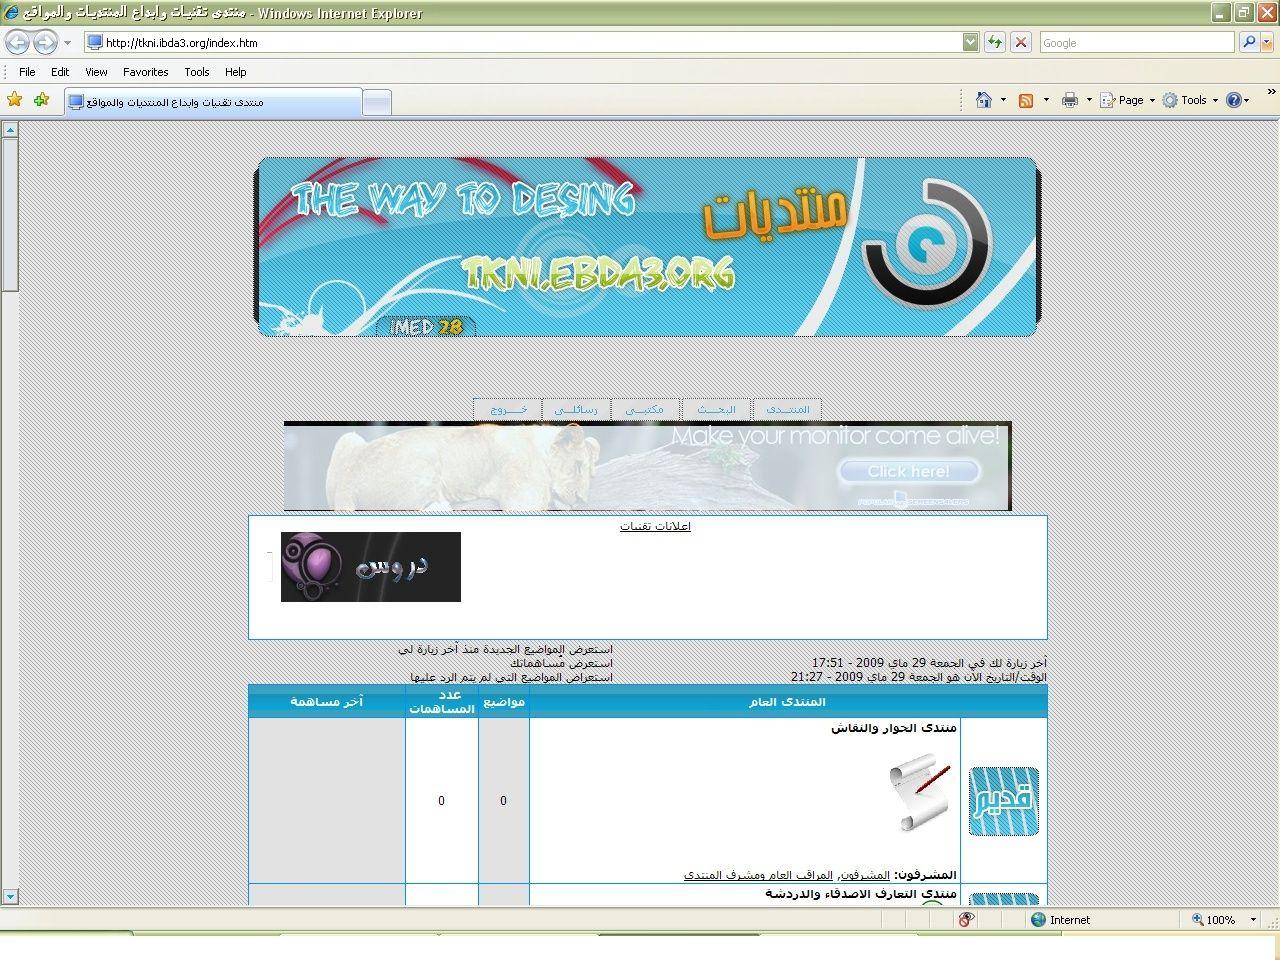 حصري على pubarab فقط: مسابقة اجمل منتدى بدعم من شركة ahlamontada - صفحة 3 Oou10